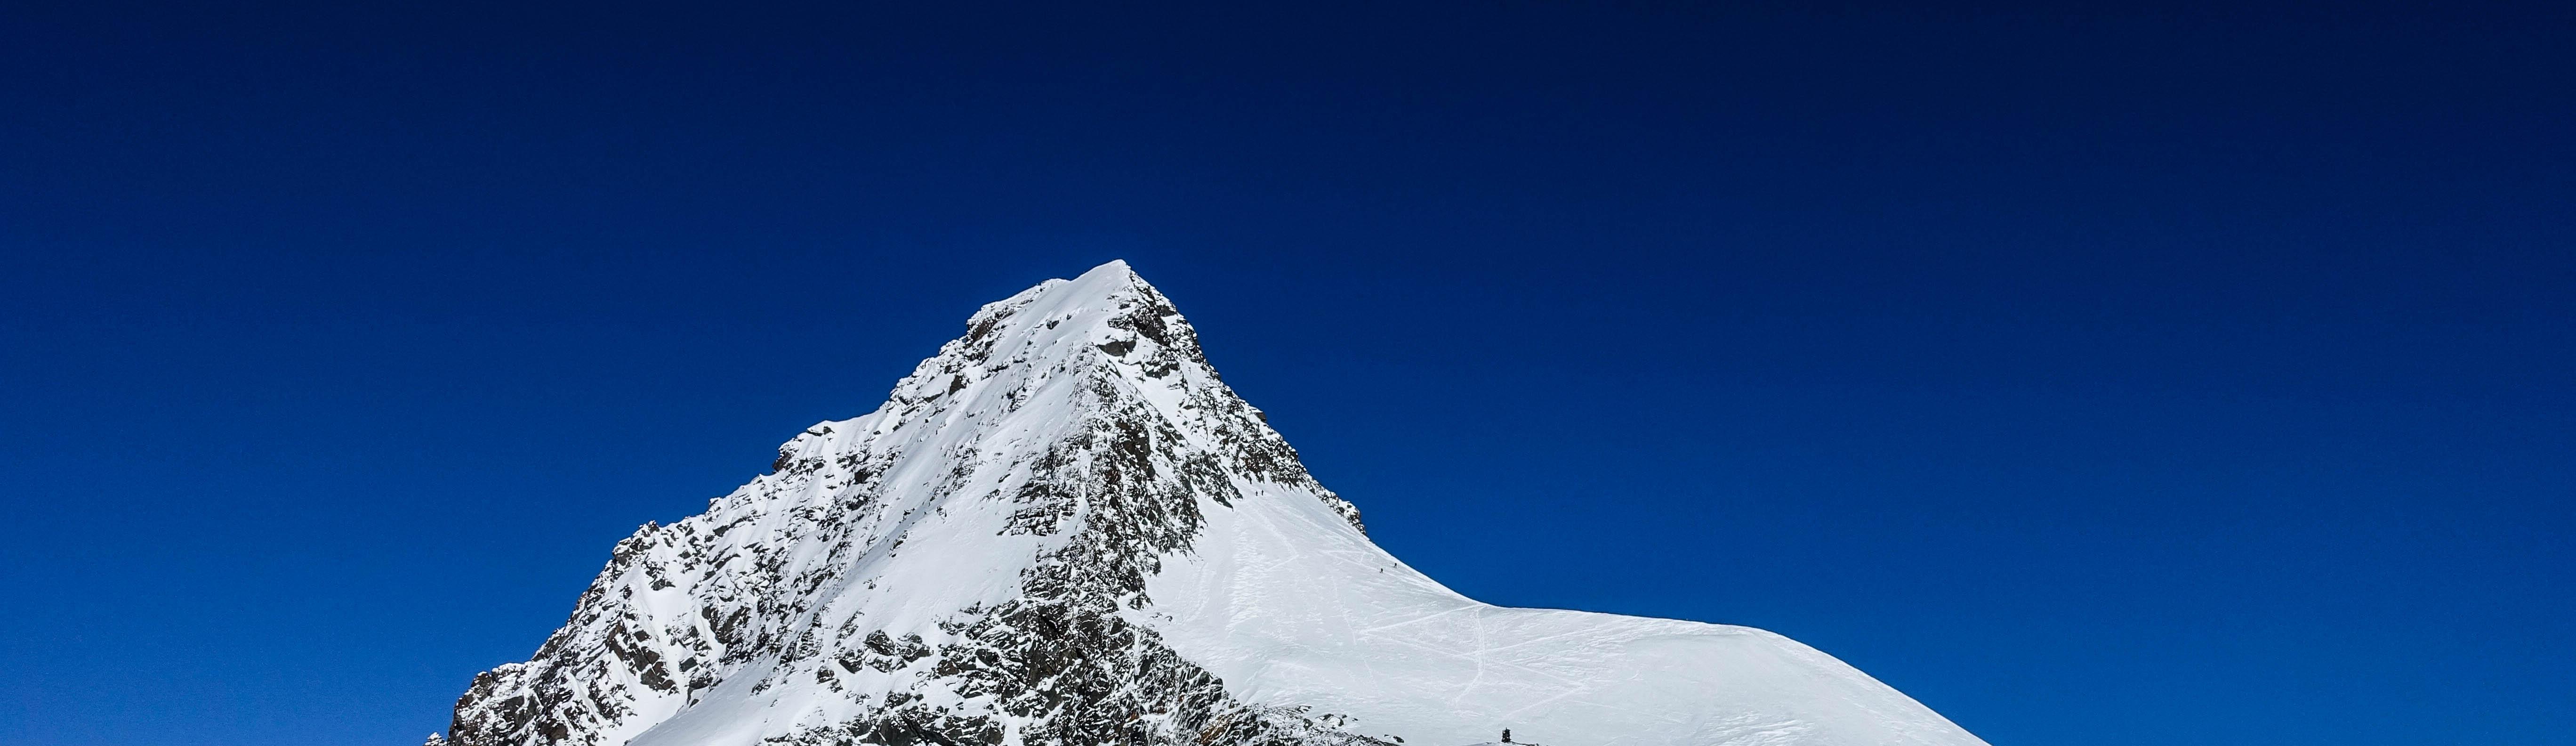 Gipfel Großglockner, Gipfel, Berge, Guide